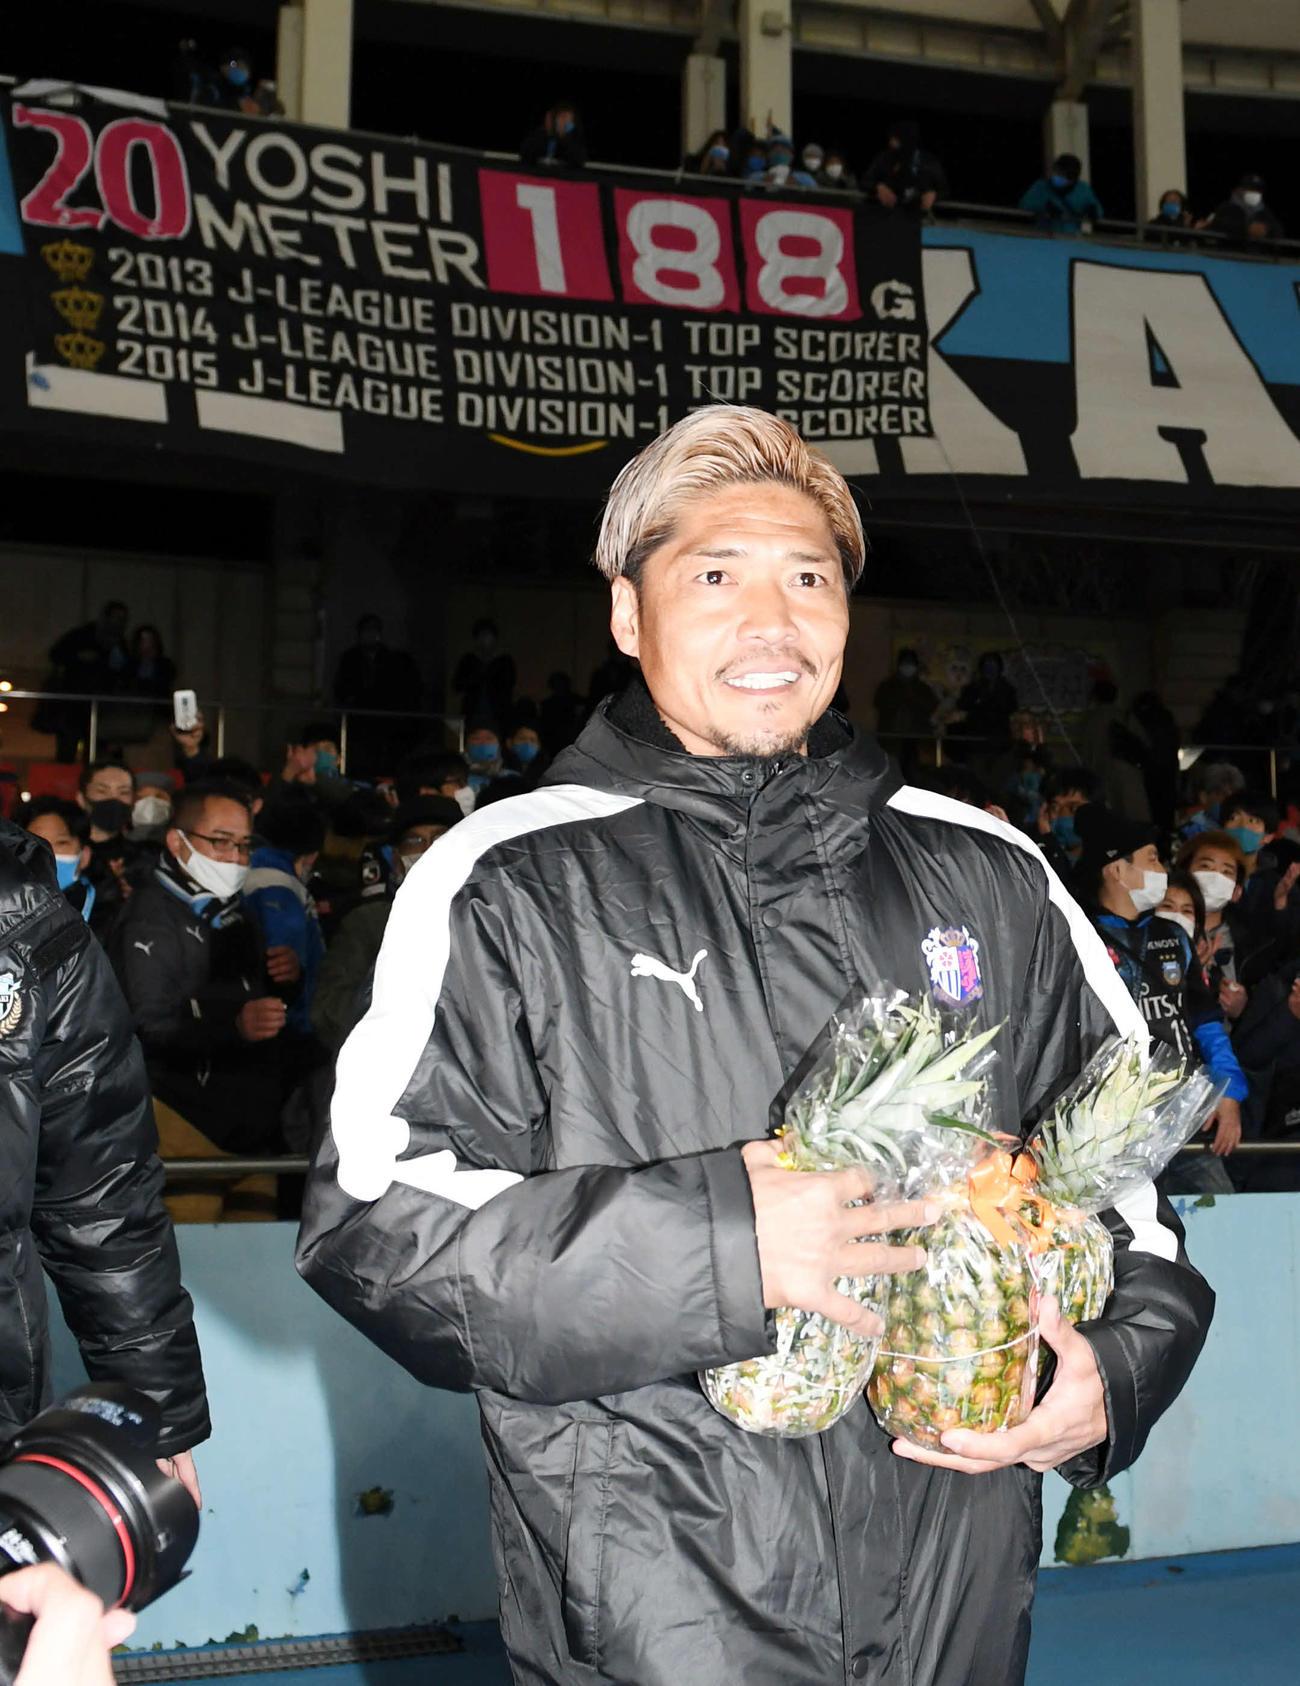 川崎F対C大阪 試合後、川崎FサポーターにあいさつしたC大阪FW大久保は「ヨシメーター」を背に引き揚げる(撮影・山崎安昭)